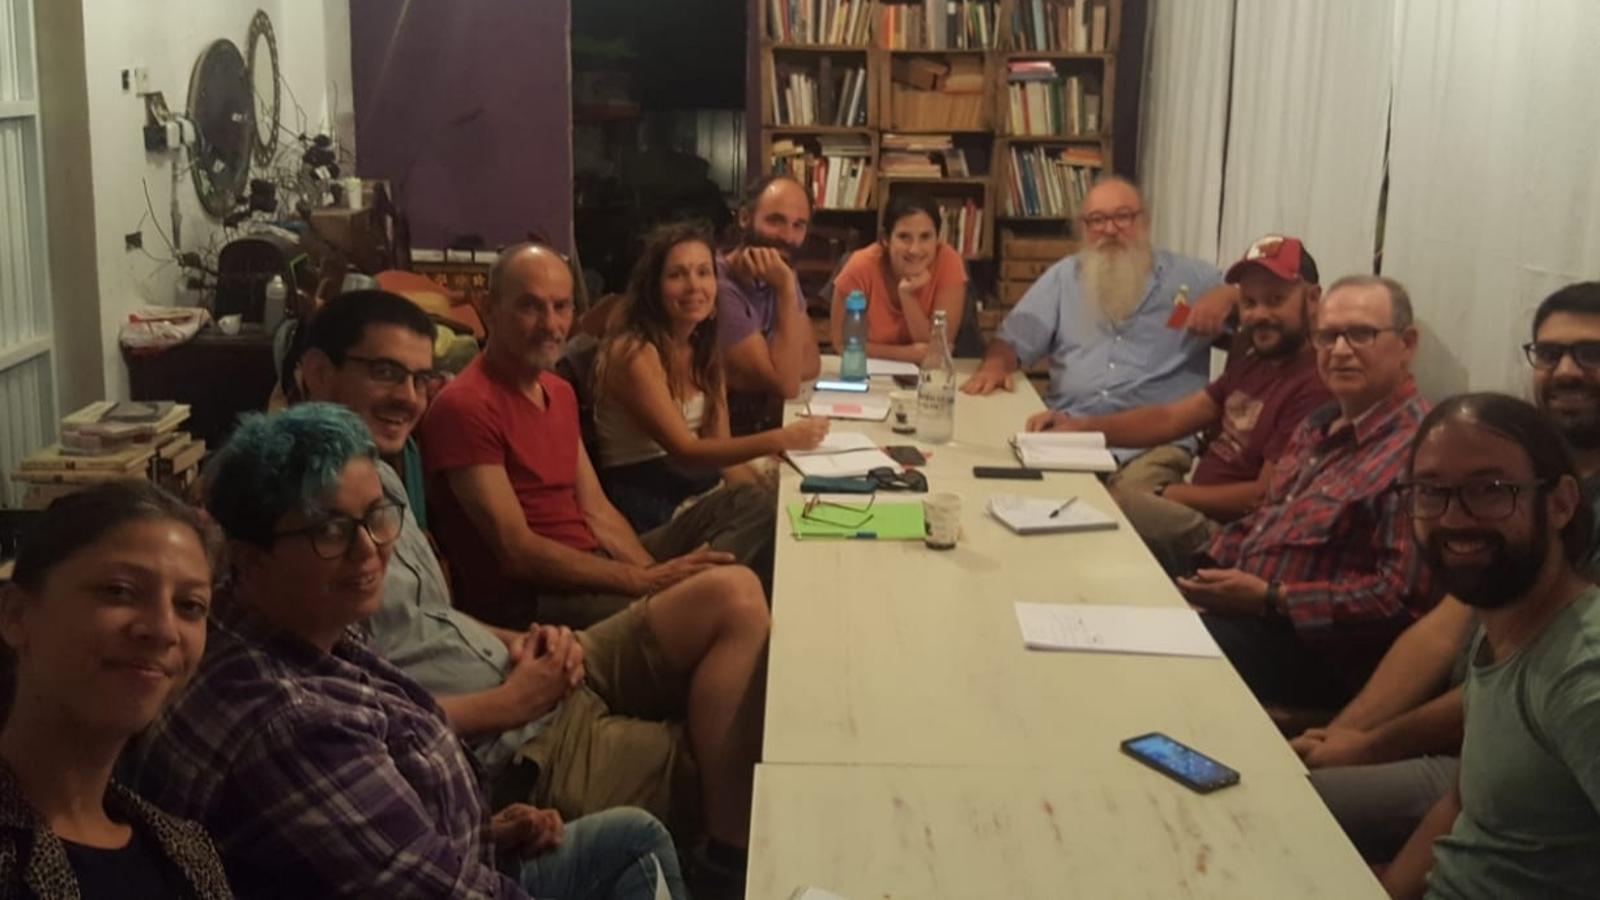 Representants del partits i agrupacions que integren la Xarxa, reunits a Santa Margalida.